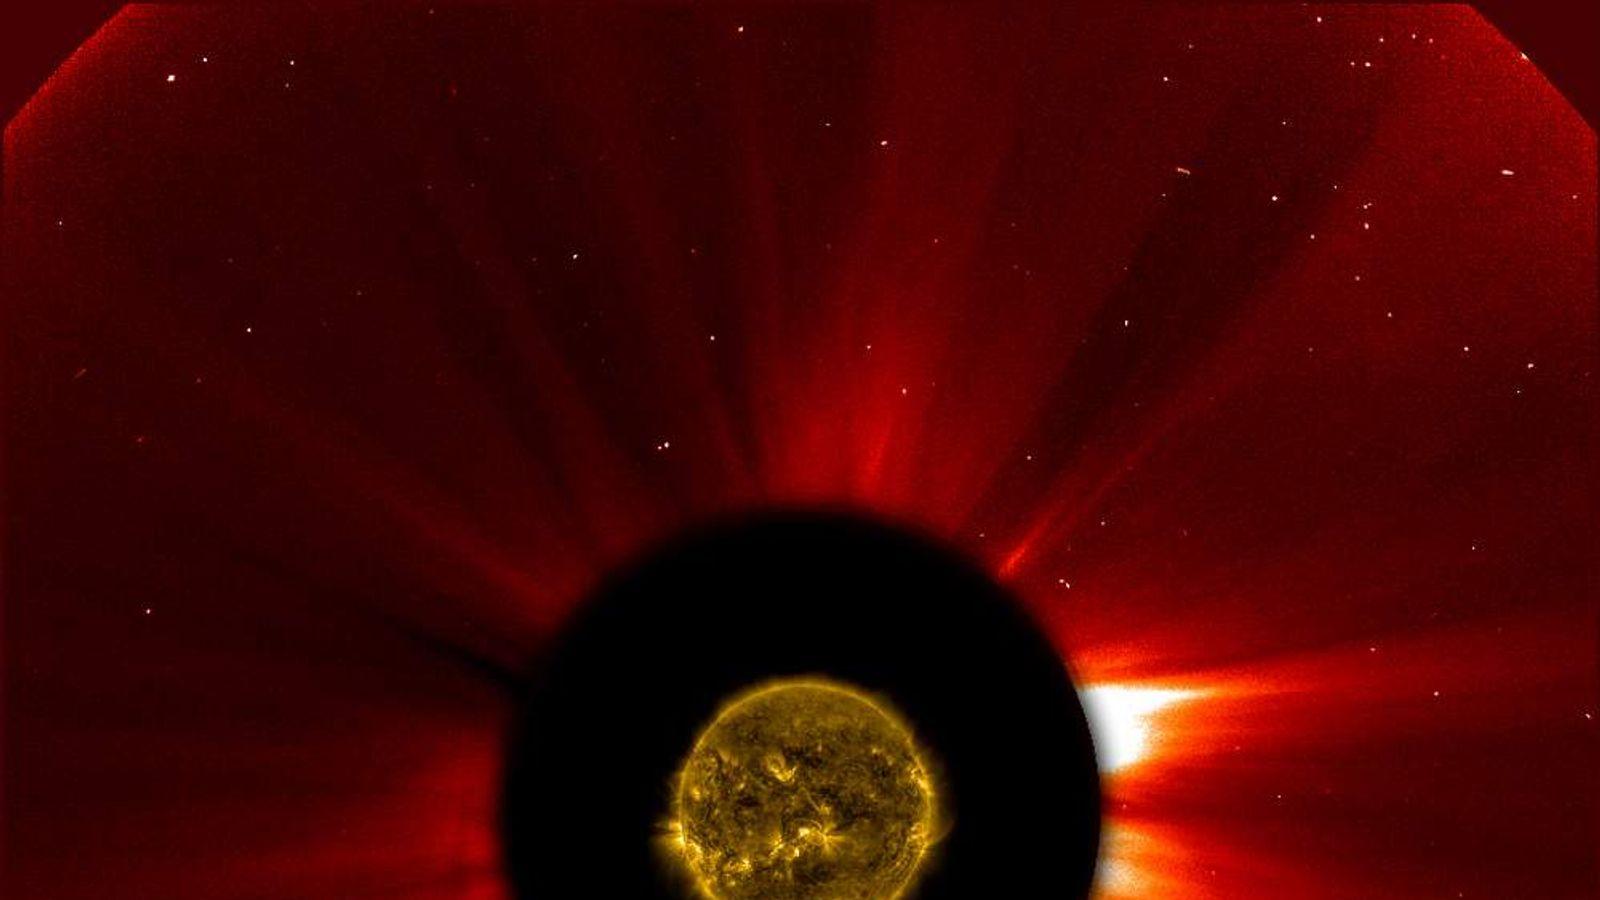 Comet Ison hours before the close encounter (pic: ESA&NASA/SOHO/SDO)